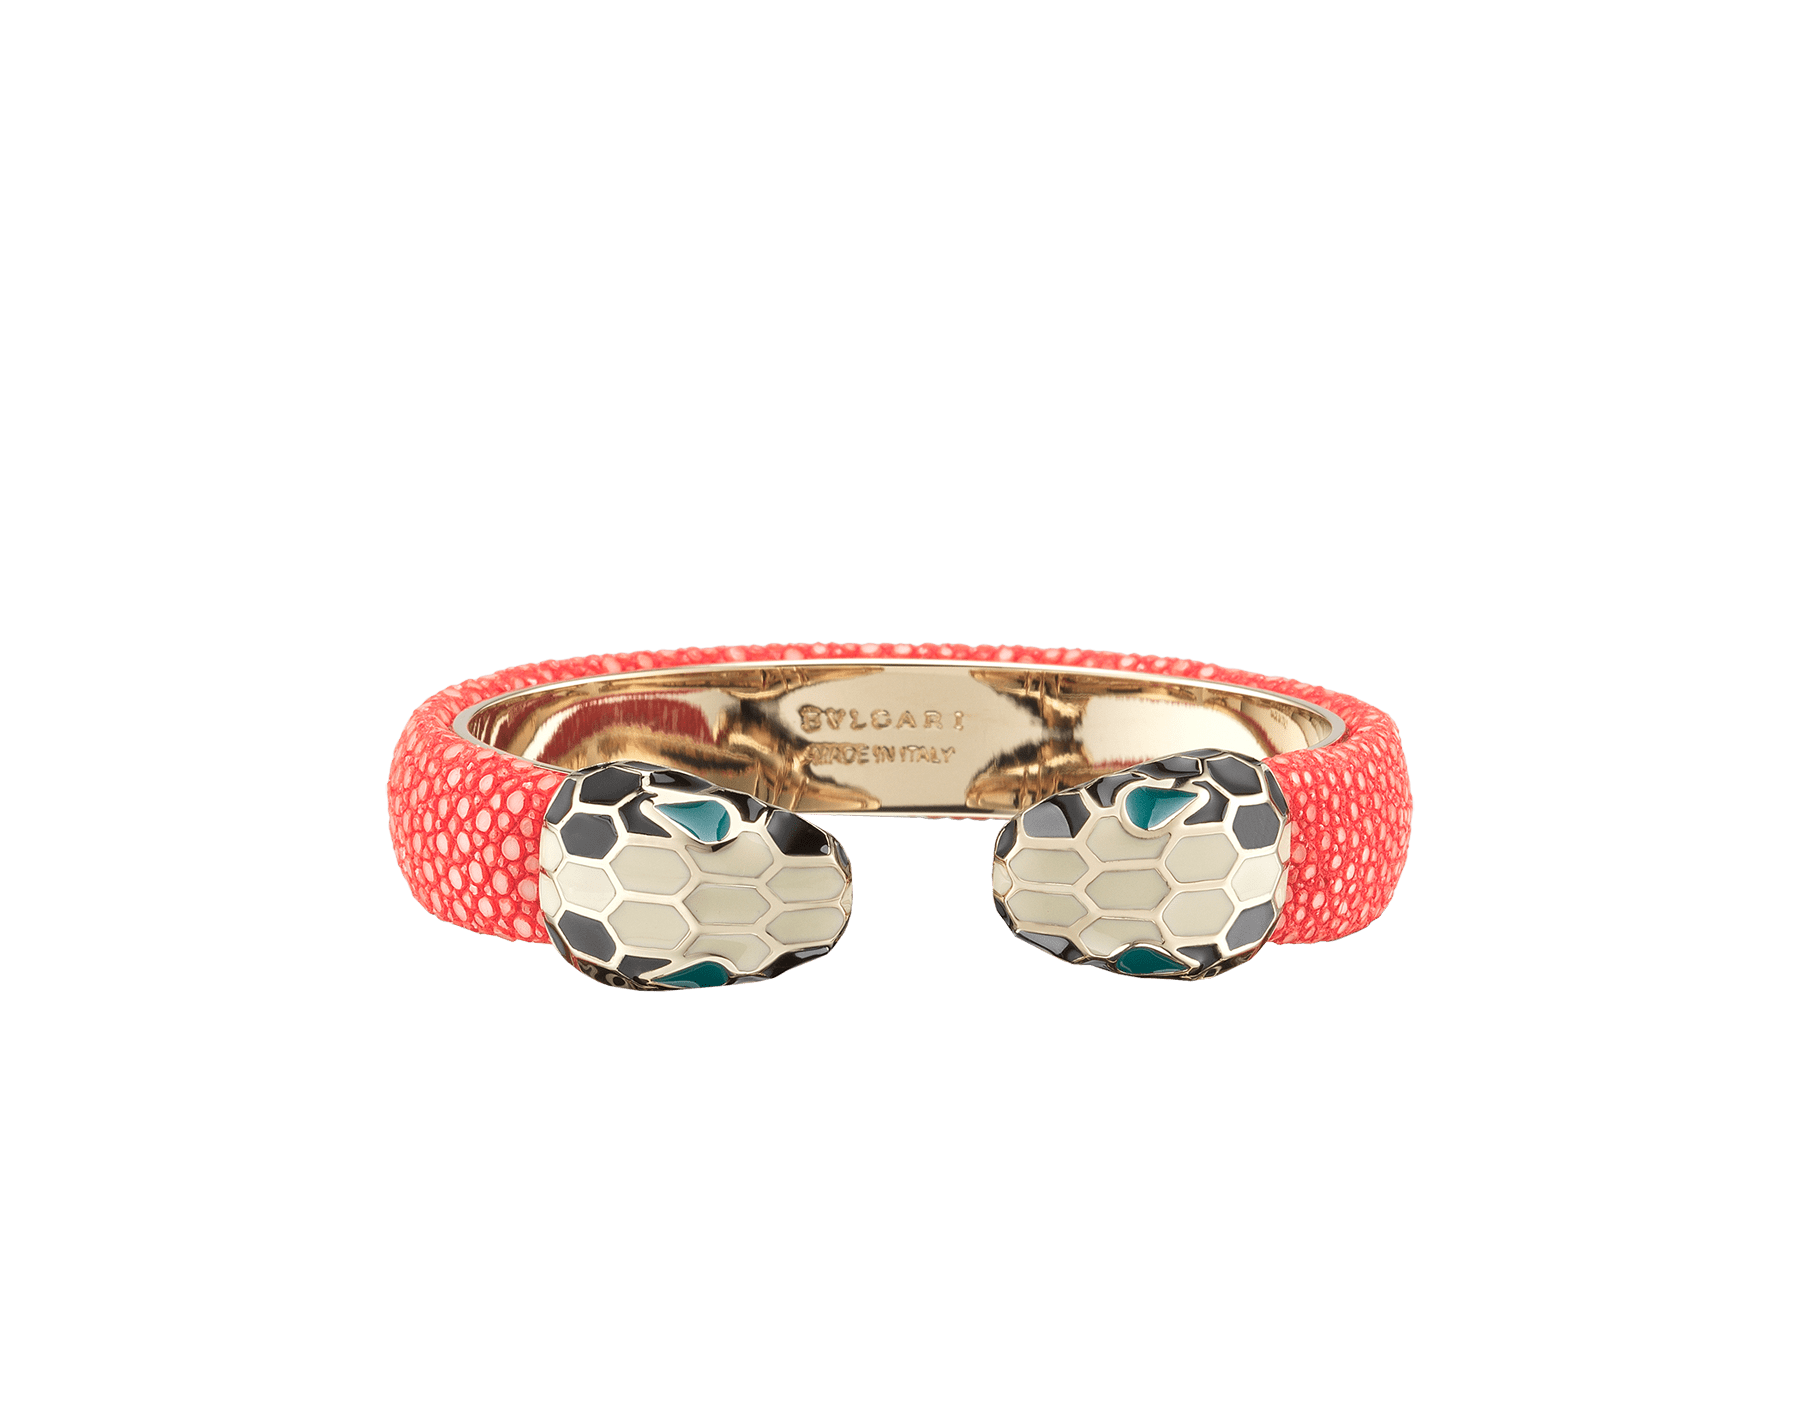 Bracelet jonc Serpenti Forever en galuchat couleur Sea Star Coral avec détails en laiton doré. Motif en miroir Serpenti emblématique en émail noir et blanc avec yeux en émail vert. SPContr-G-SSC image 1